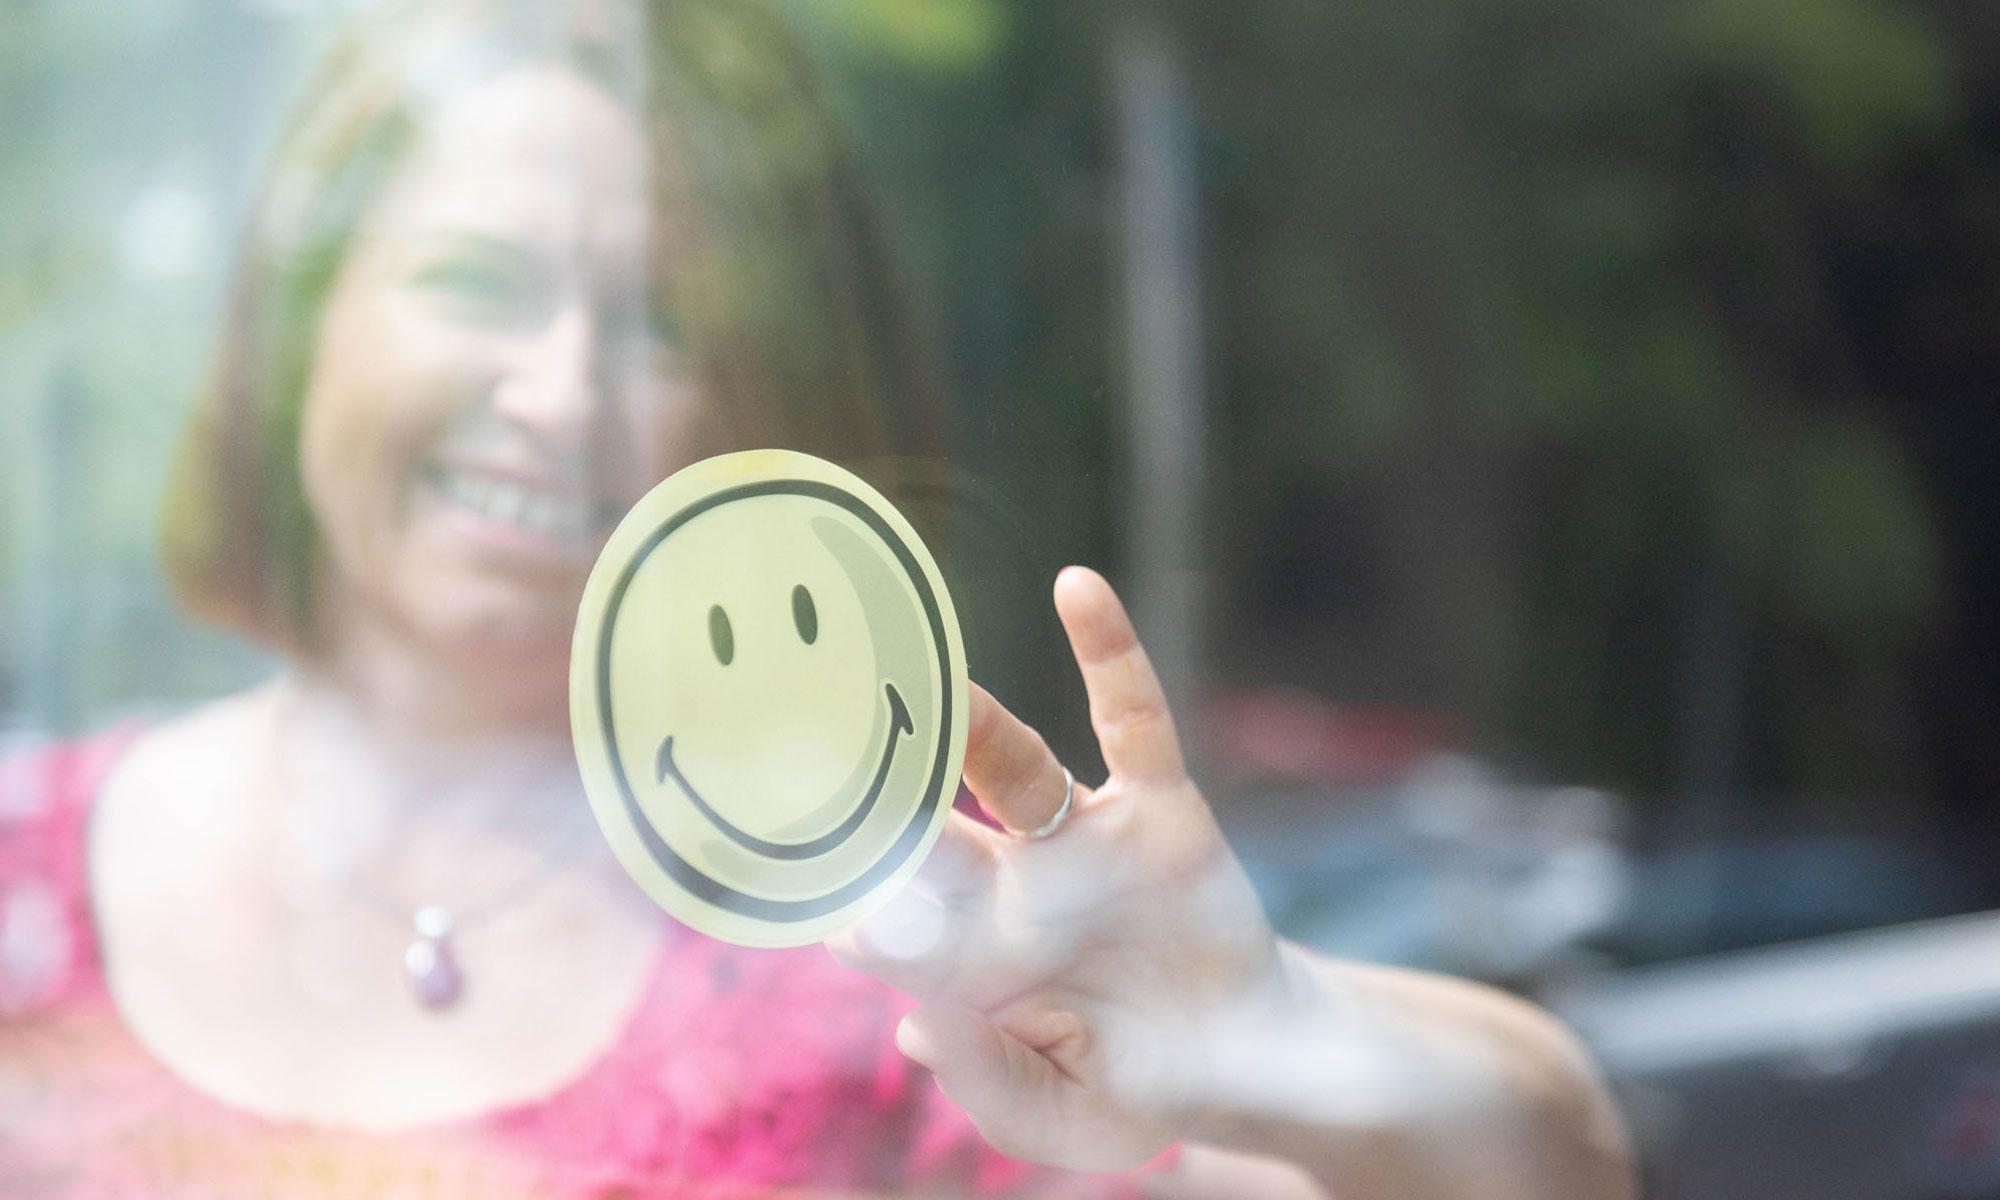 Sabine Valentin klebt einen Smiley auf die Scheibe